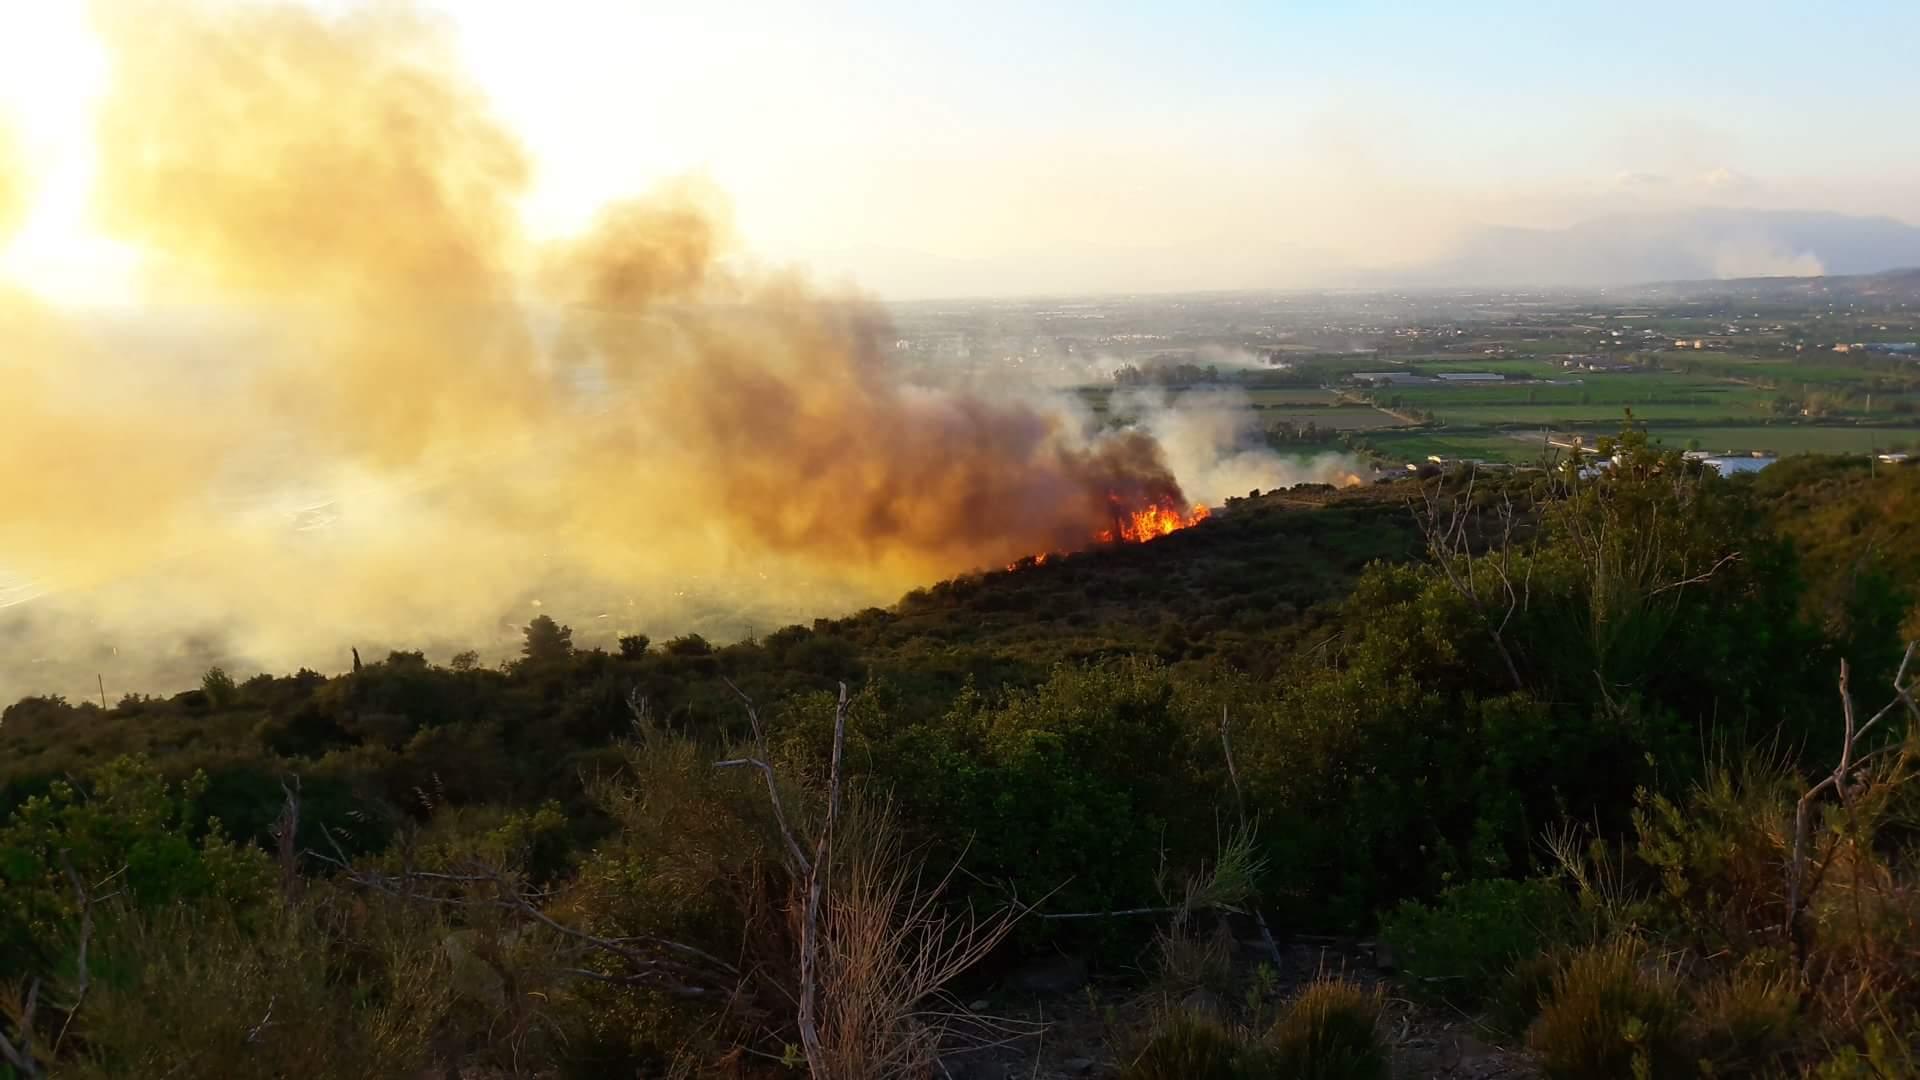 Incendi, situazione drammatica: abitazioni lambite dalle fiamme ad Agropoli